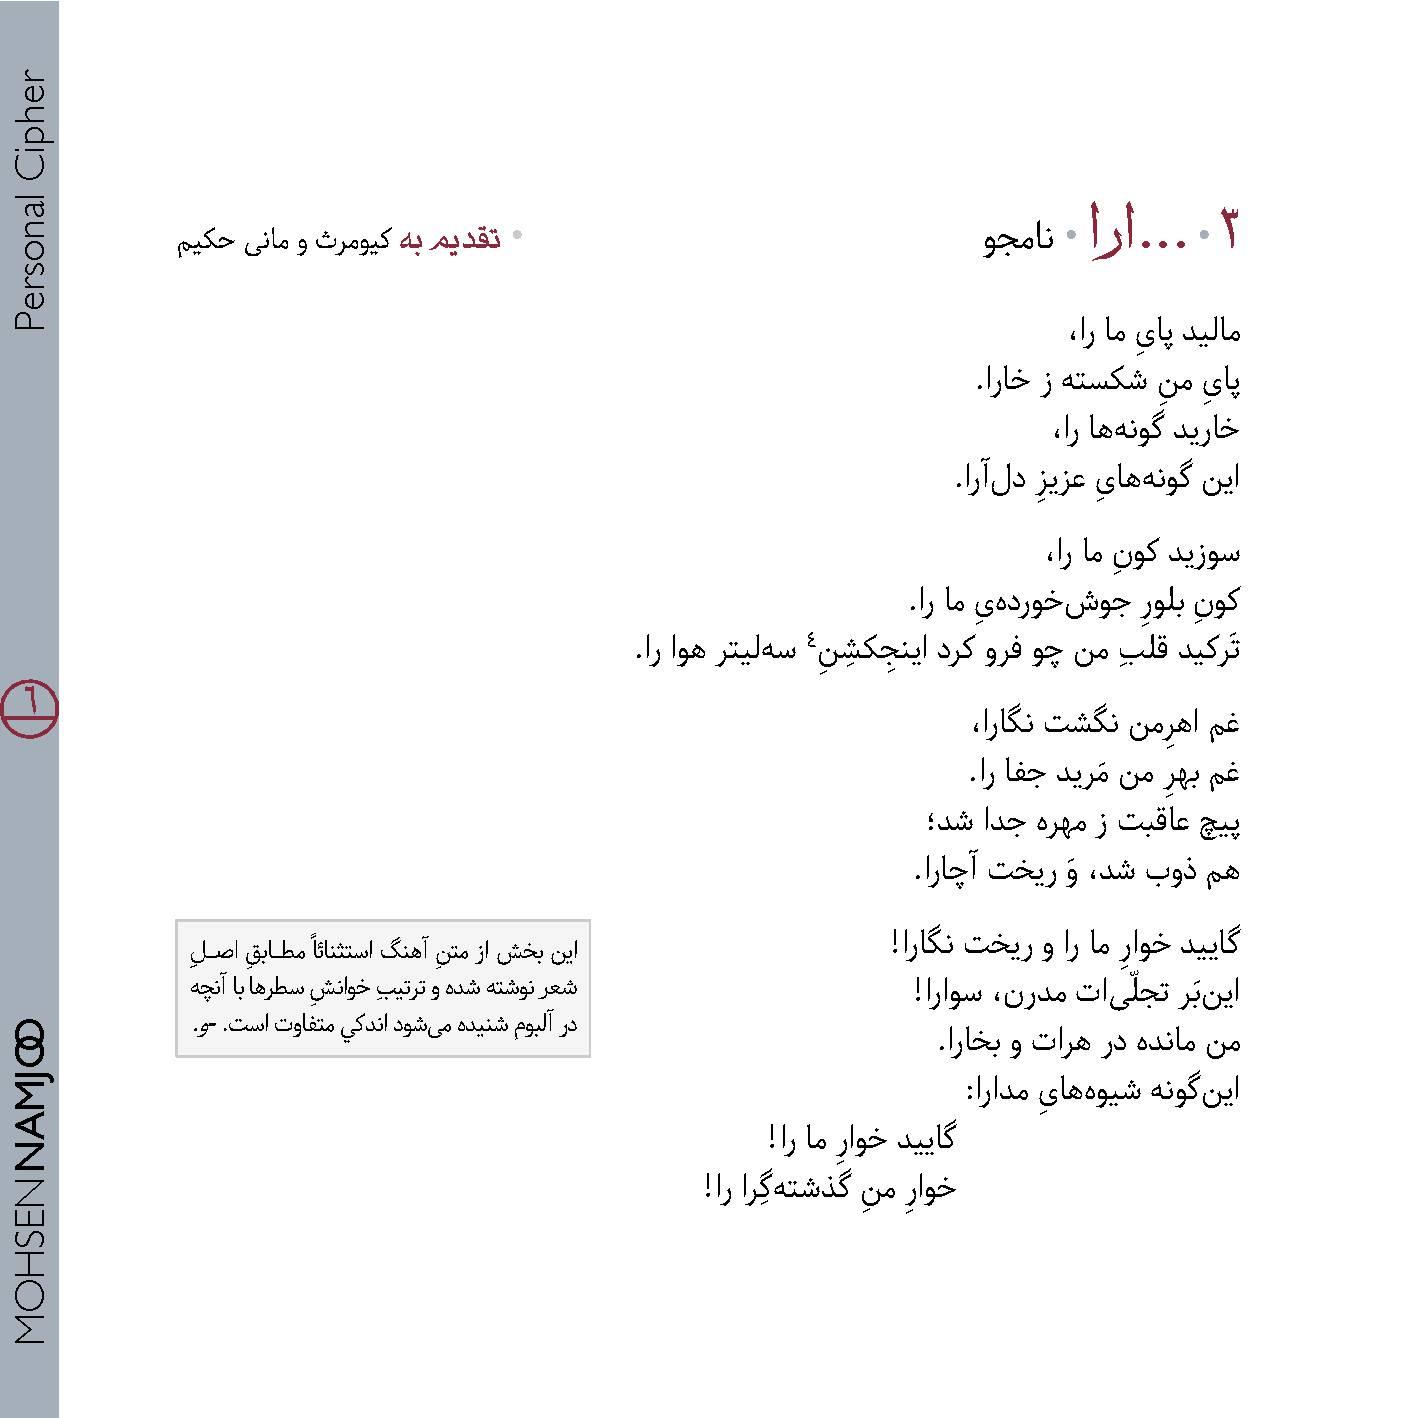 file-page6.jpg